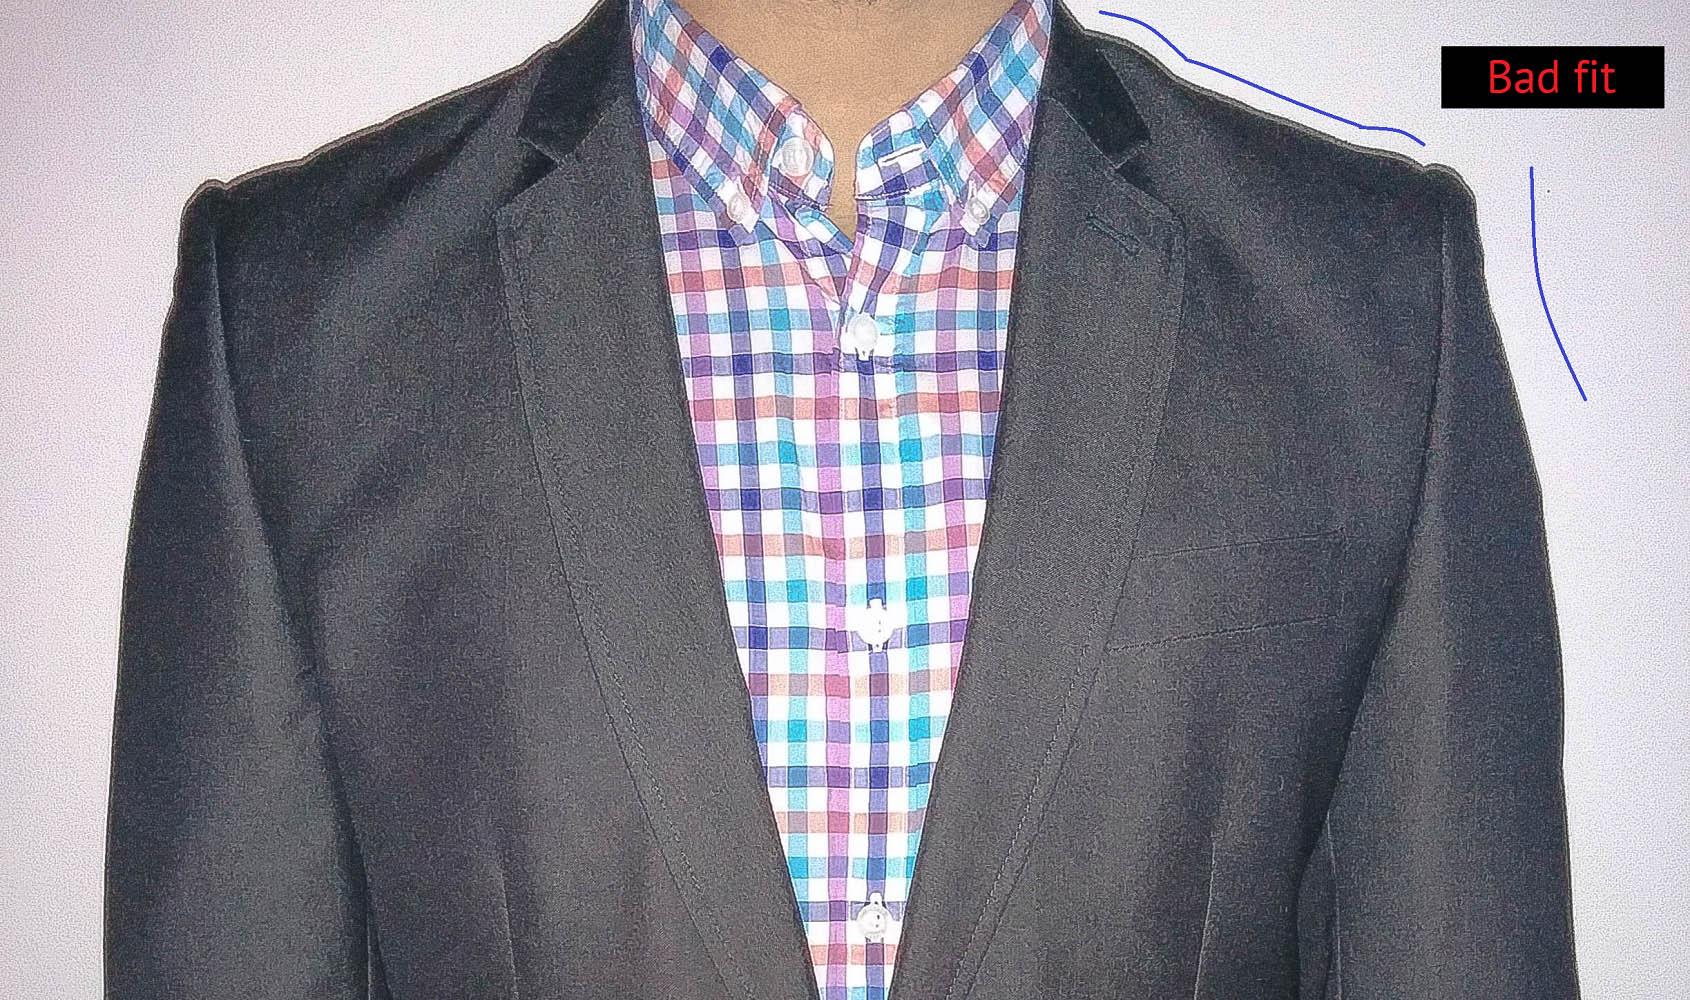 suit-shoulders-bad-fit